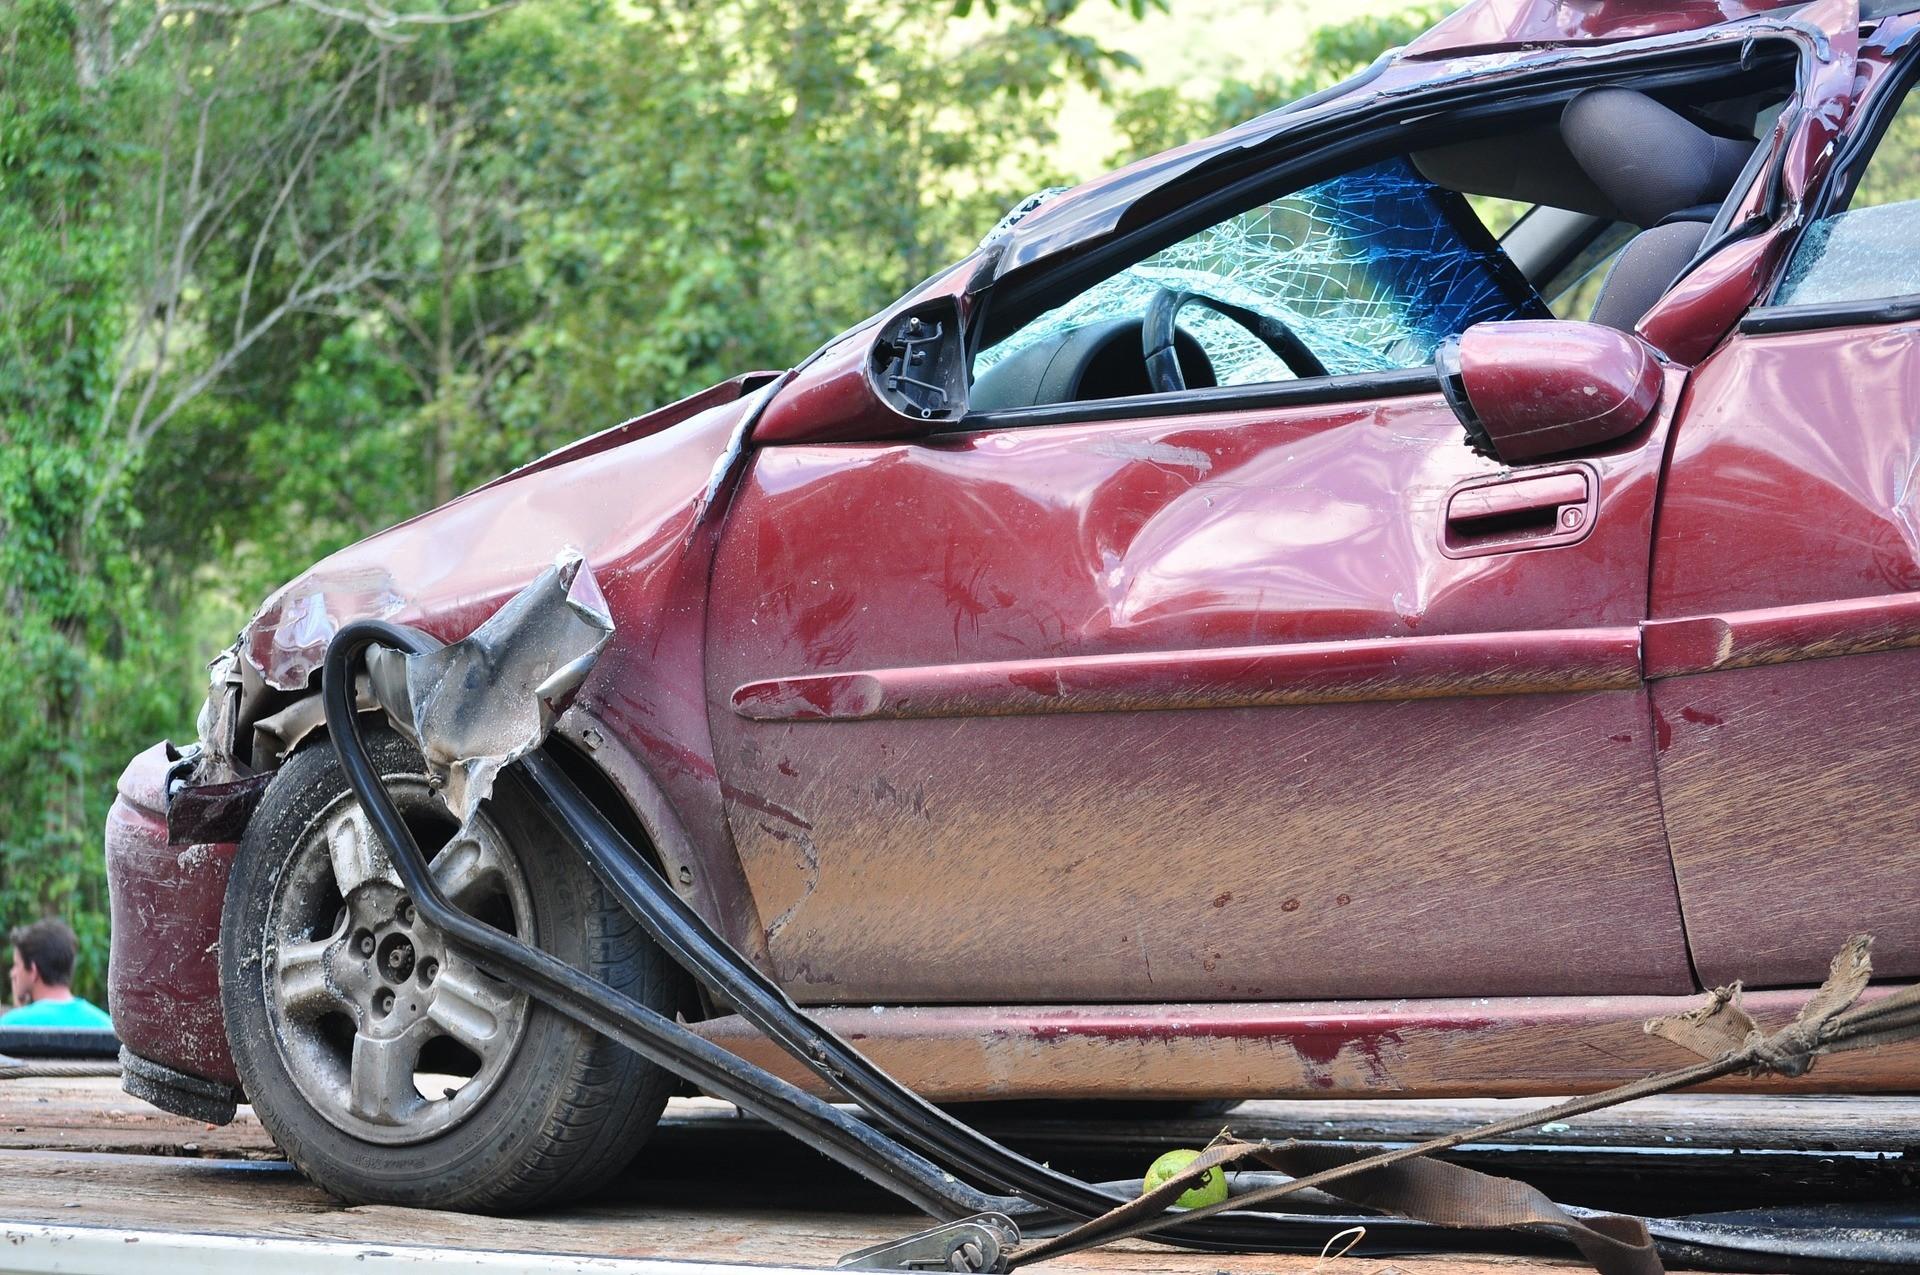 crash-1308575_1920